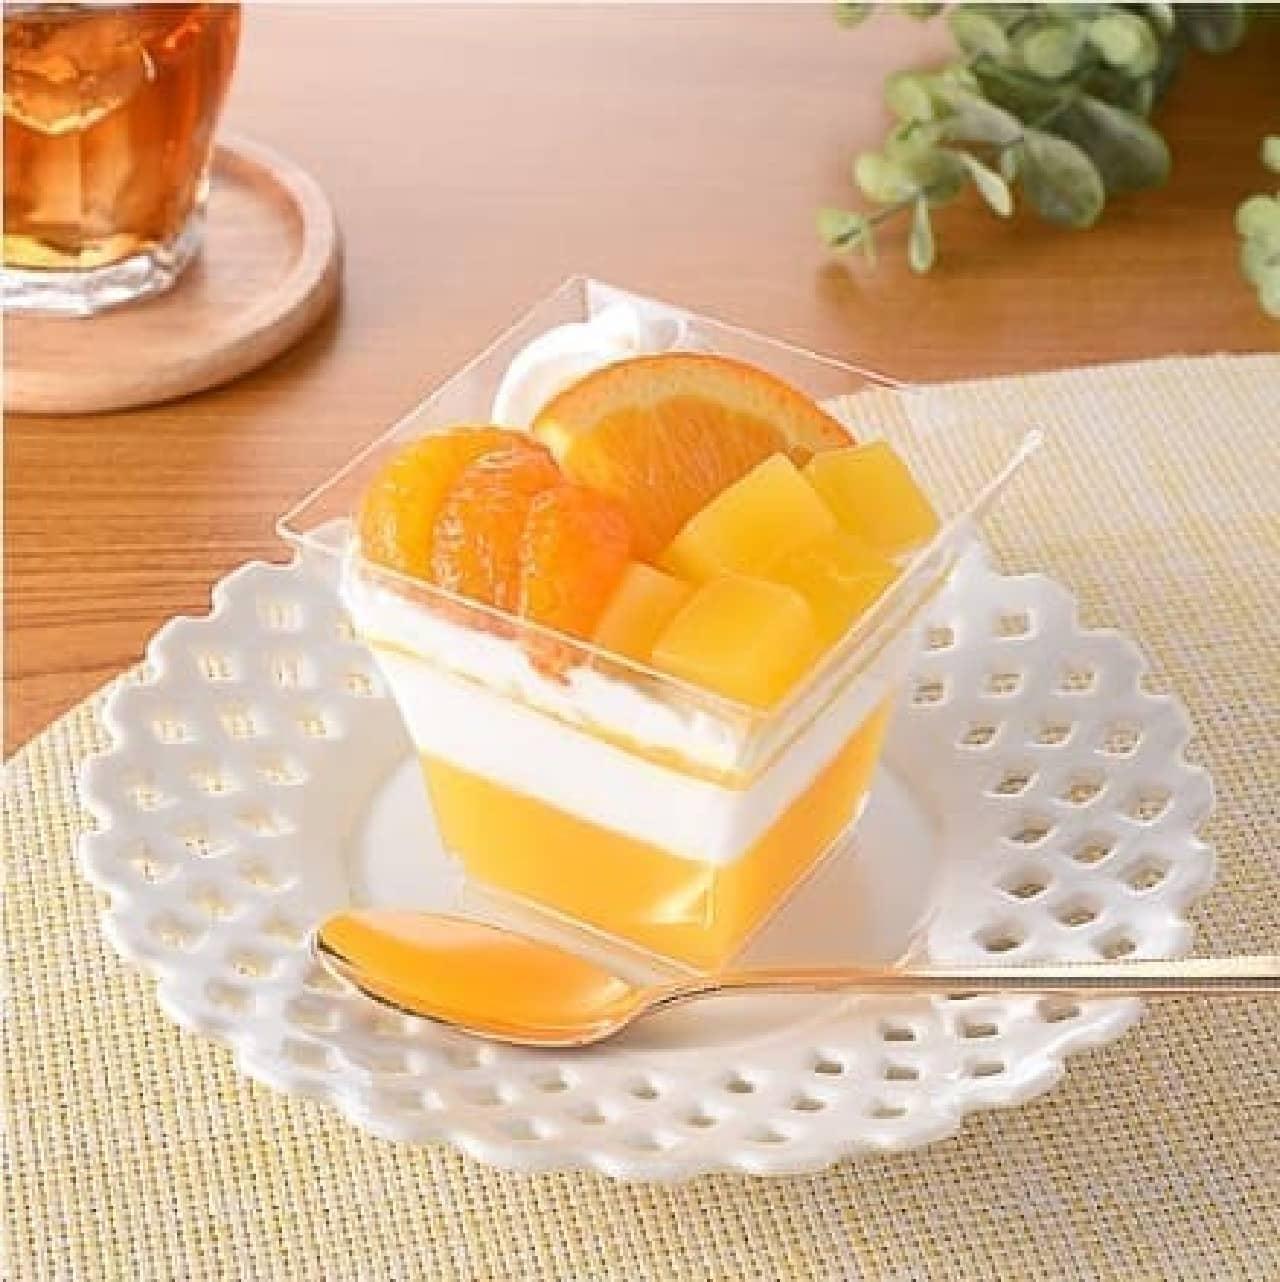 ファミリーマート「オレンジとみかんのパフェ」